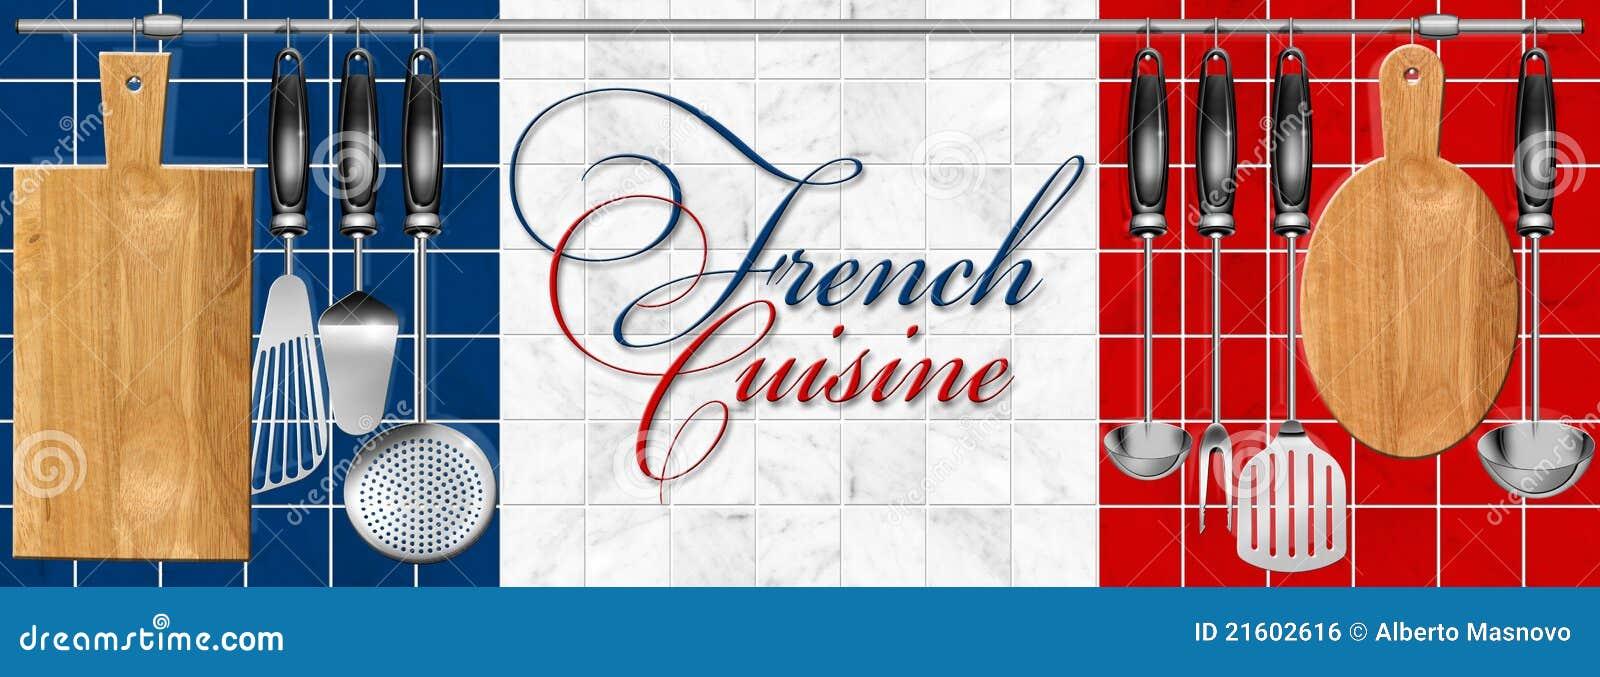 Utensilios determinados de la cocina de la cocina francesa for Cocina francesa canal cocina